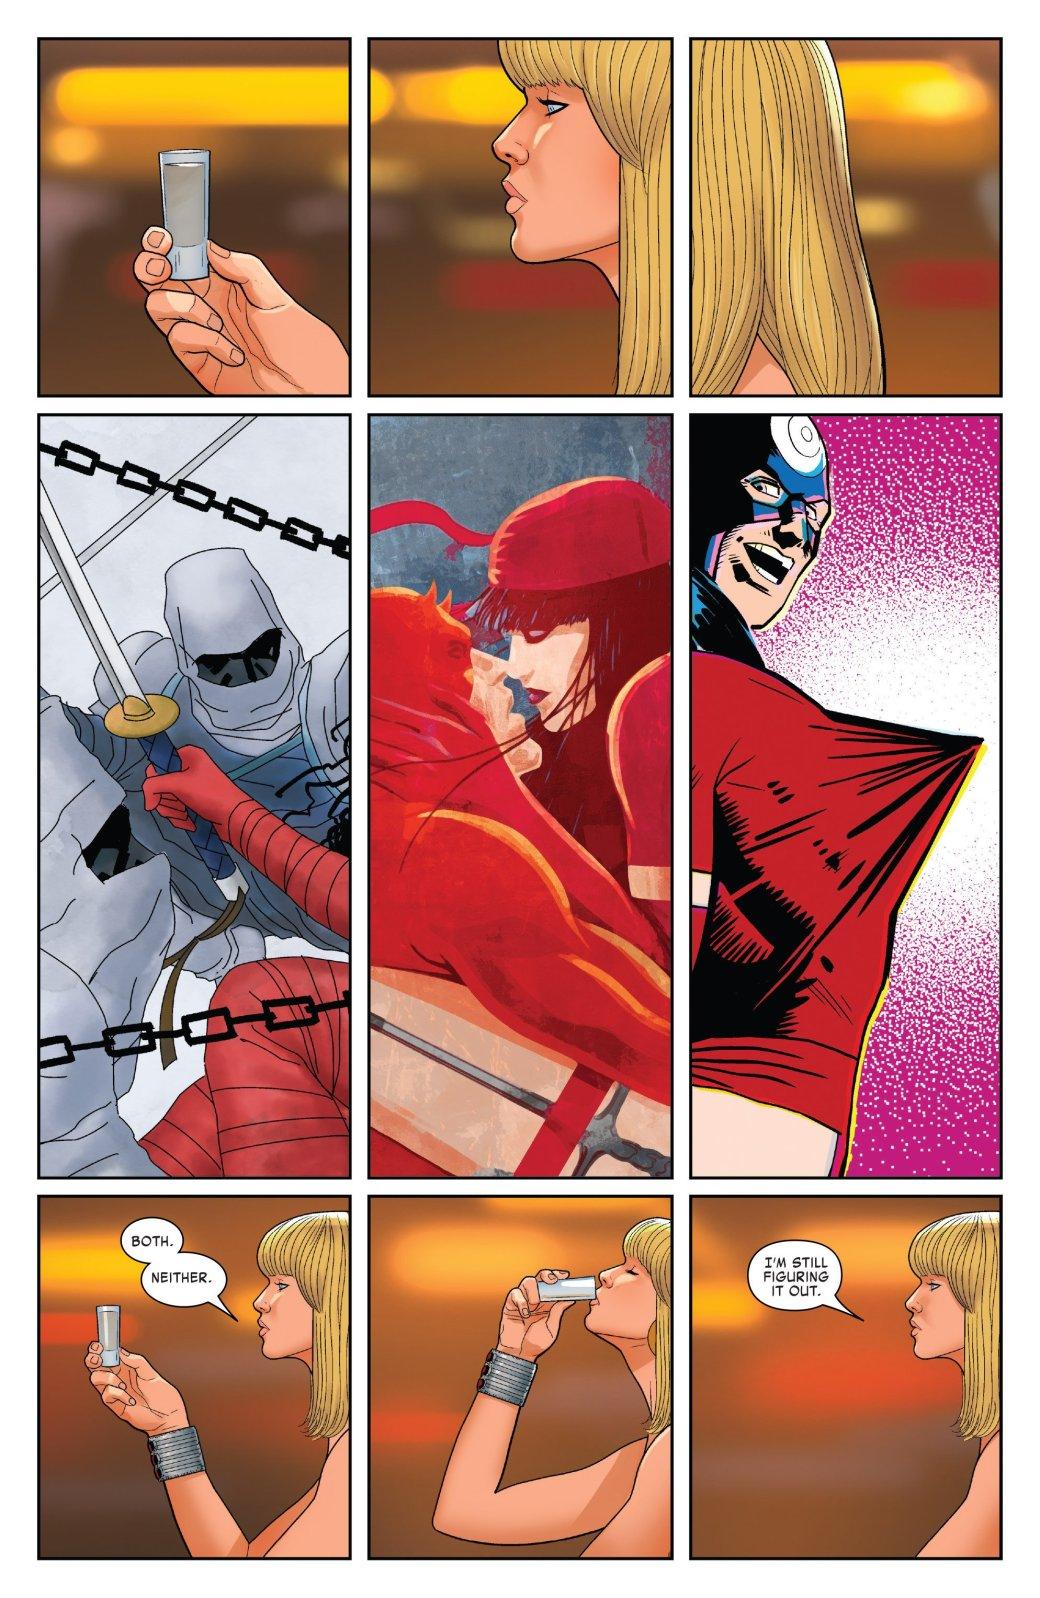 В новом комиксе Marvel Электра пытается найти себя | Канобу - Изображение 7061